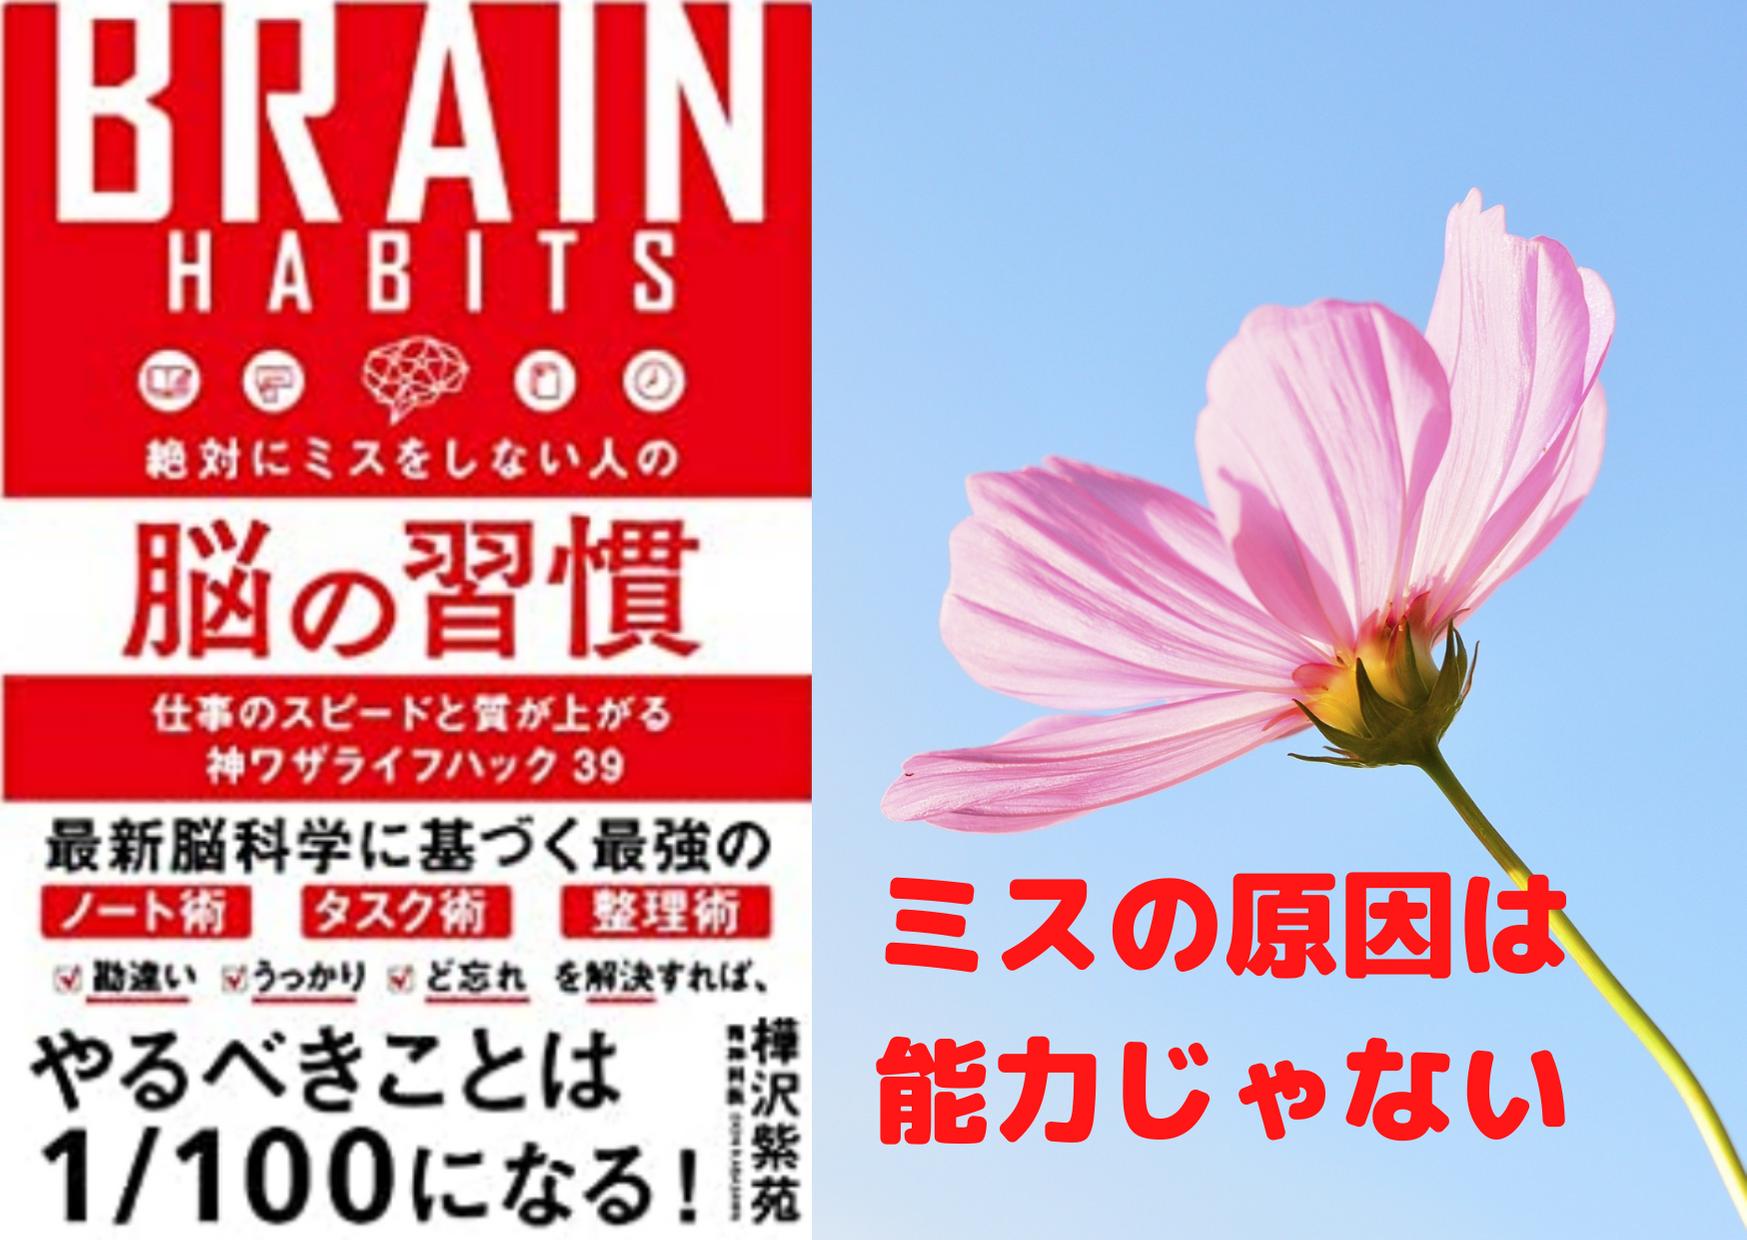 ミスが多い人の特徴・原因・対策【樺沢紫苑先生の脳の習慣から学ぶ】